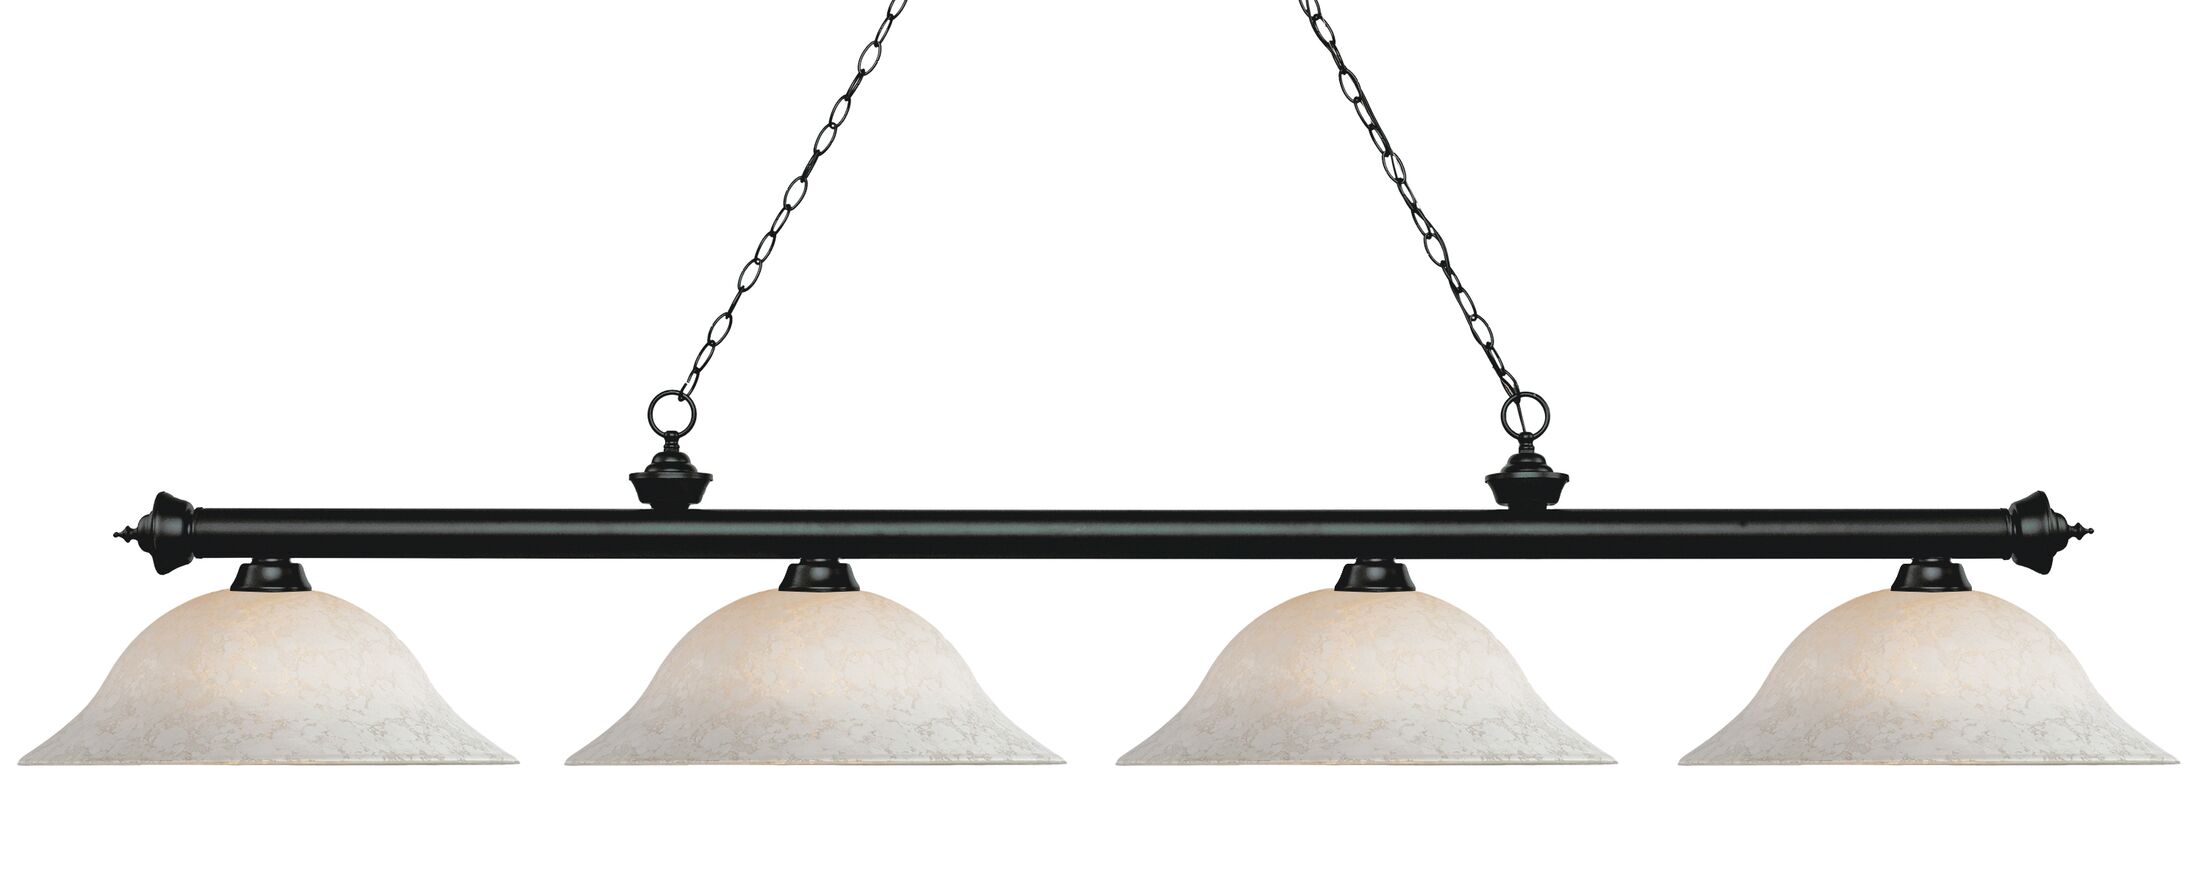 Zephyr 4-Light Billiard Light Shade Color: White Mottle, Size: 12.5